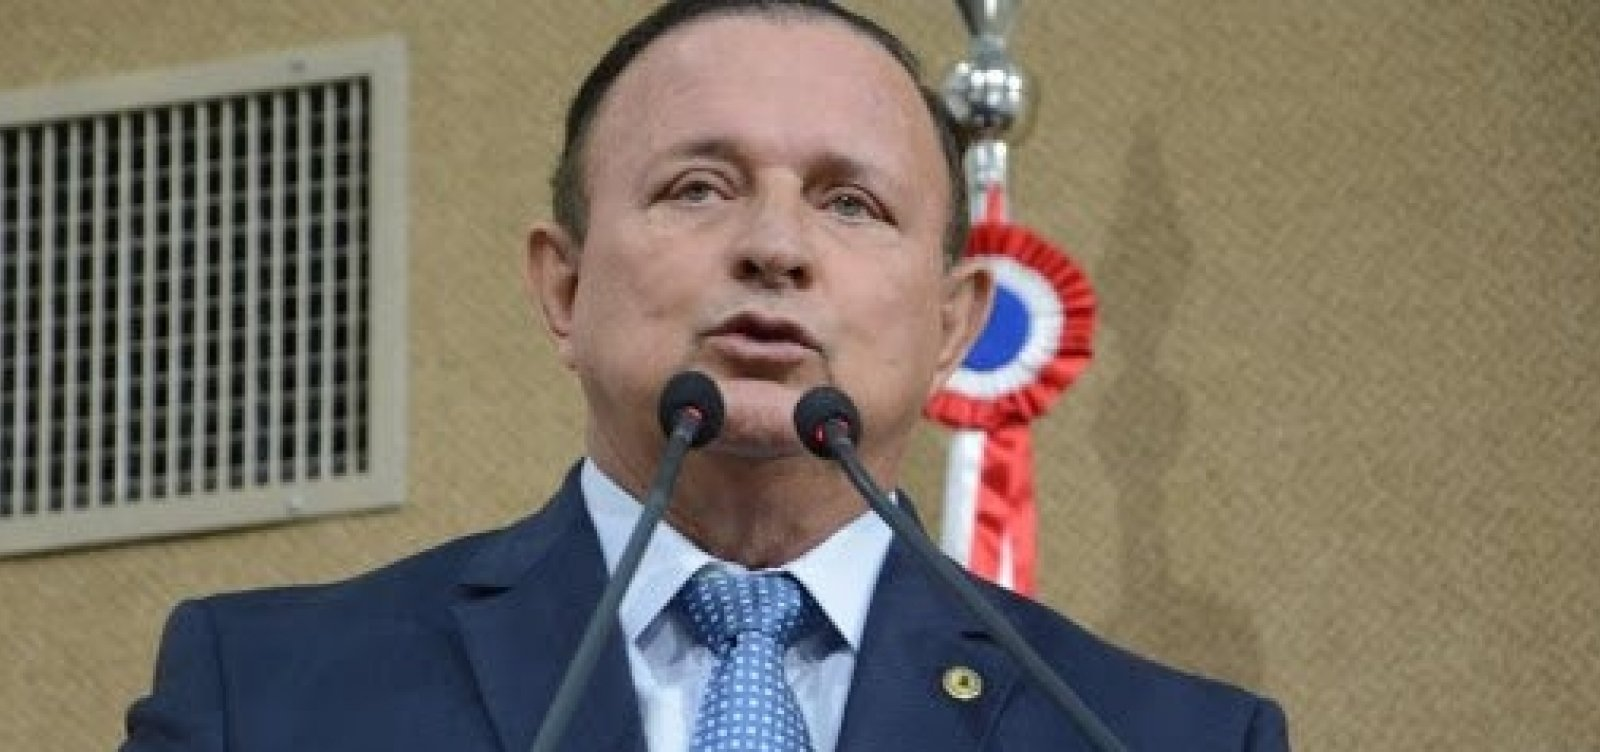 PP retira candidatura à AL-BA e Adolfo Menezes deve ser candidato único